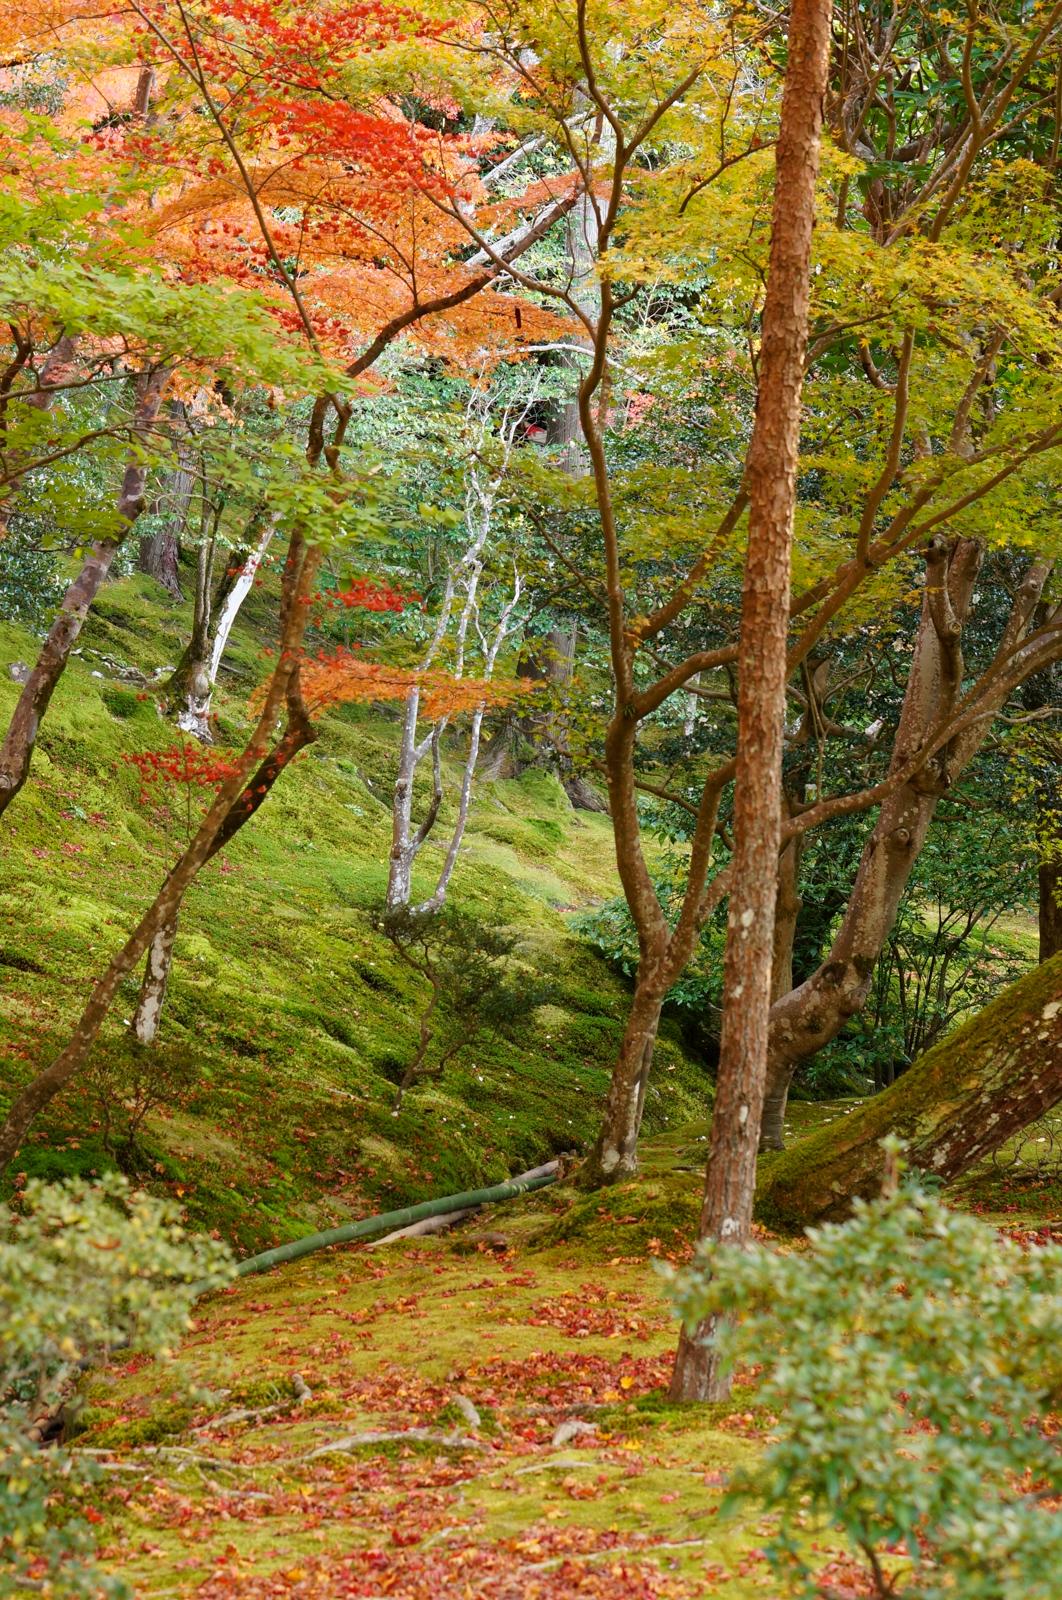 kyoto, kyoto chemin de la philosophie, kyoto momiji, automne kyoto, balade kyoto, séjour kyoto, voyage kyoto, érables kyoto,ginkaku-ji, ginkakuji temple, temple d'argent, temple d'argent kyoto,